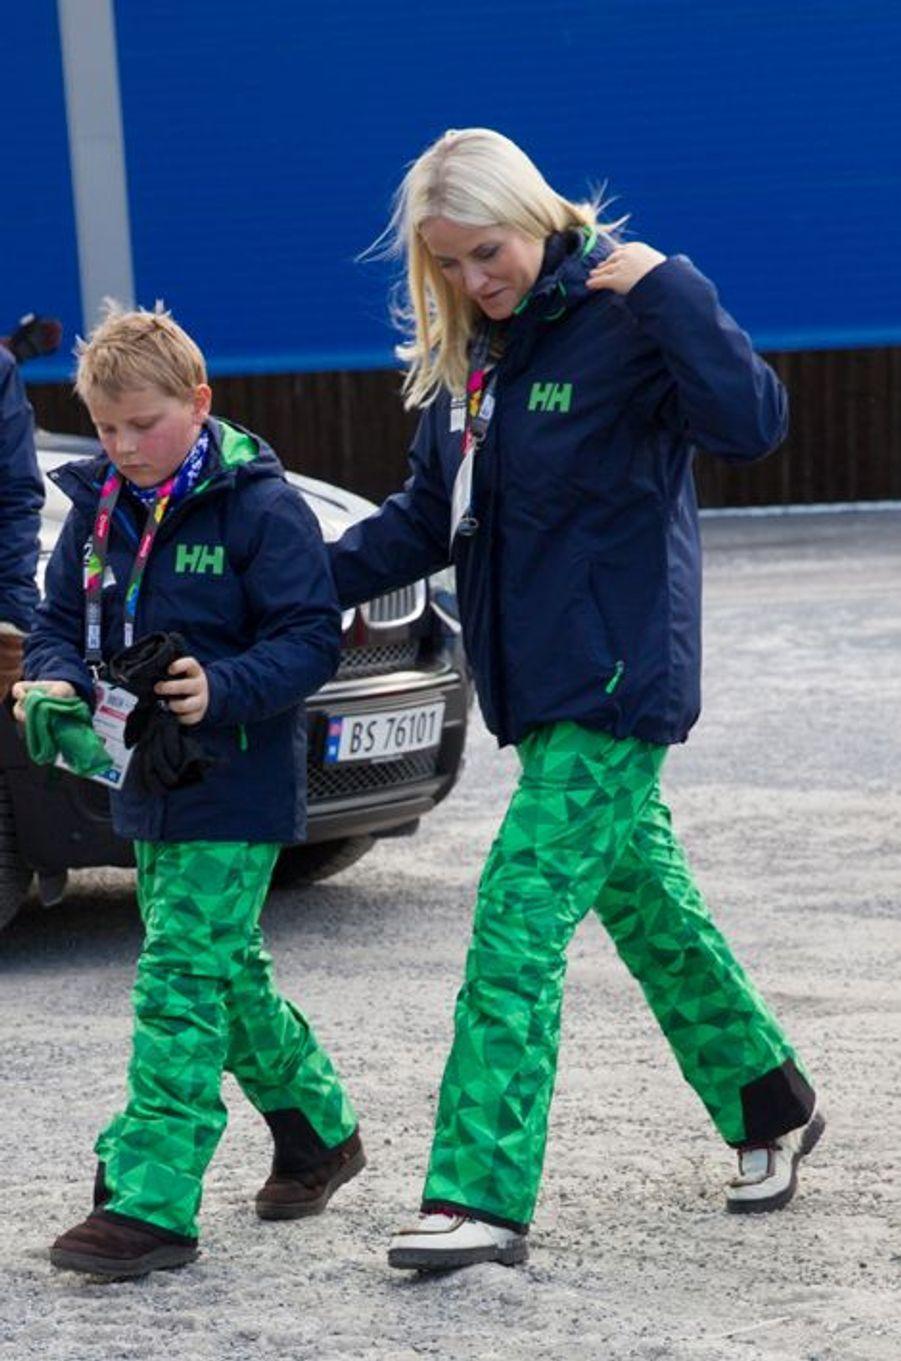 La princesse Mette-Marit de Norvège avec le prince Sverre Magnus aux JOJ à Lillehammer, le 12 février 2016